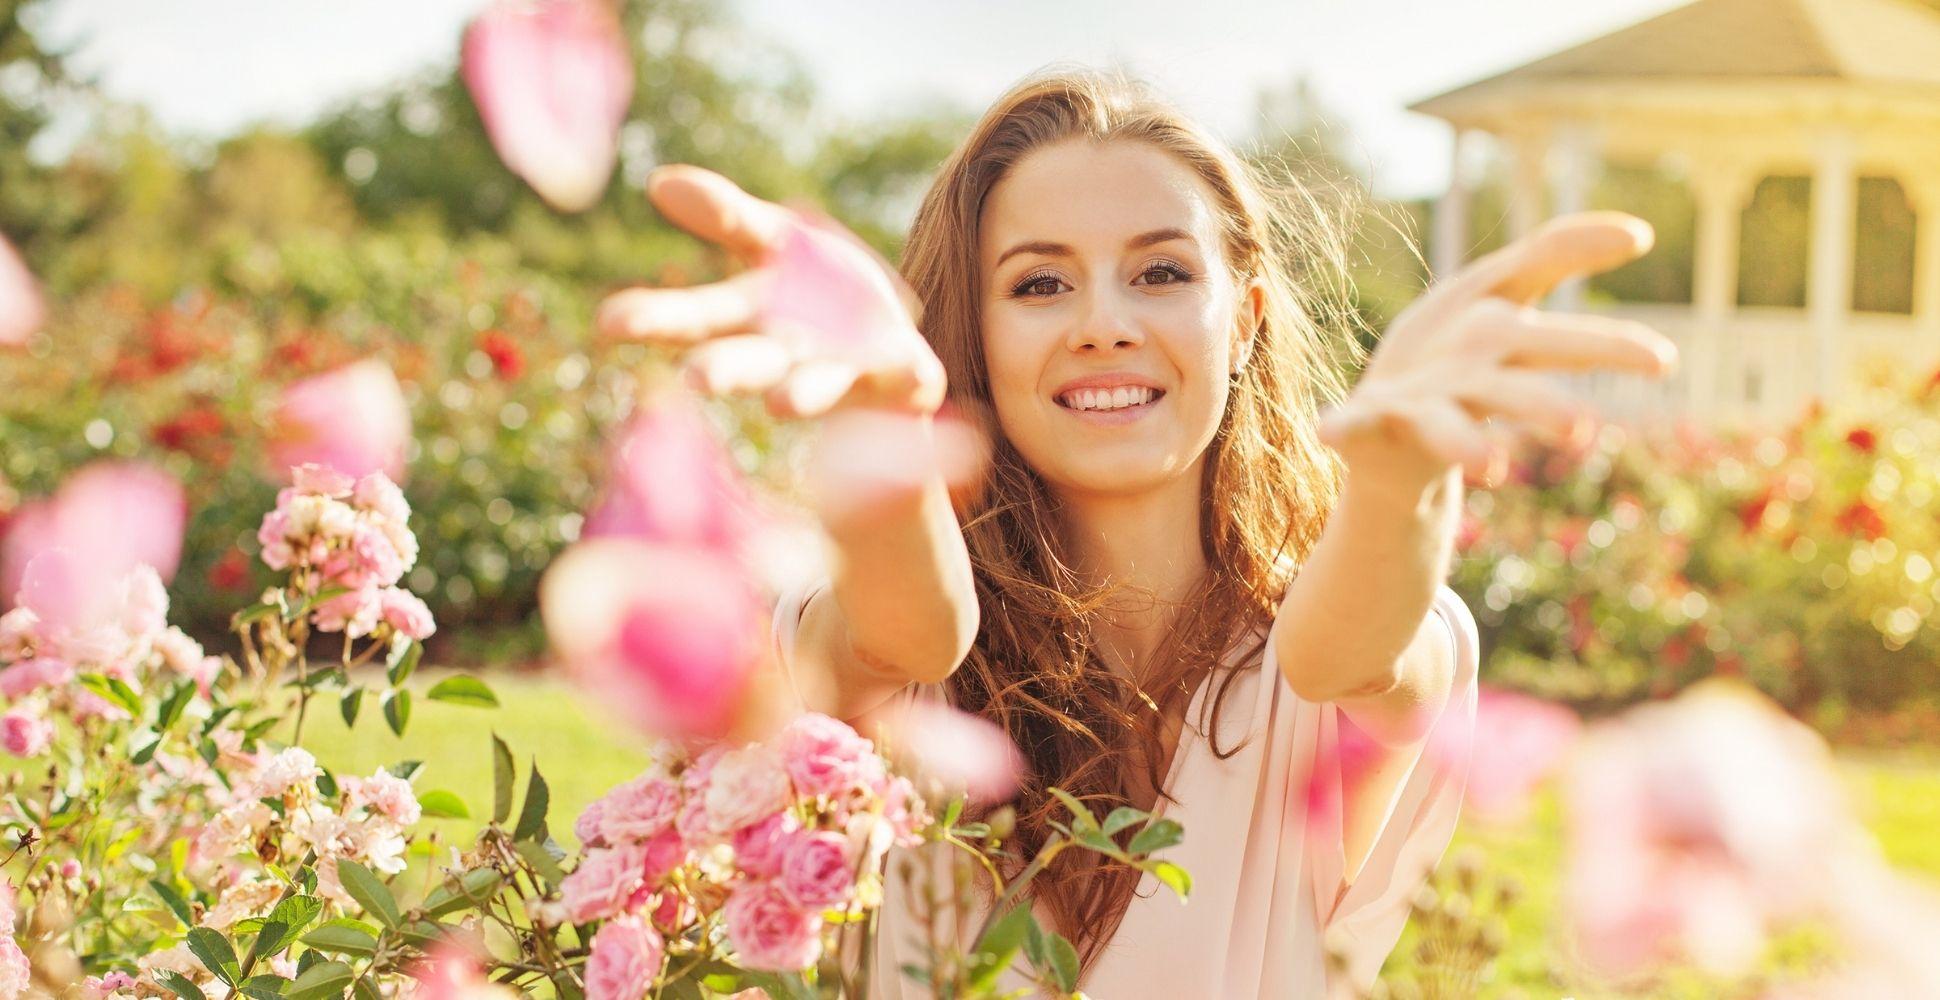 garden-ready-for-spring